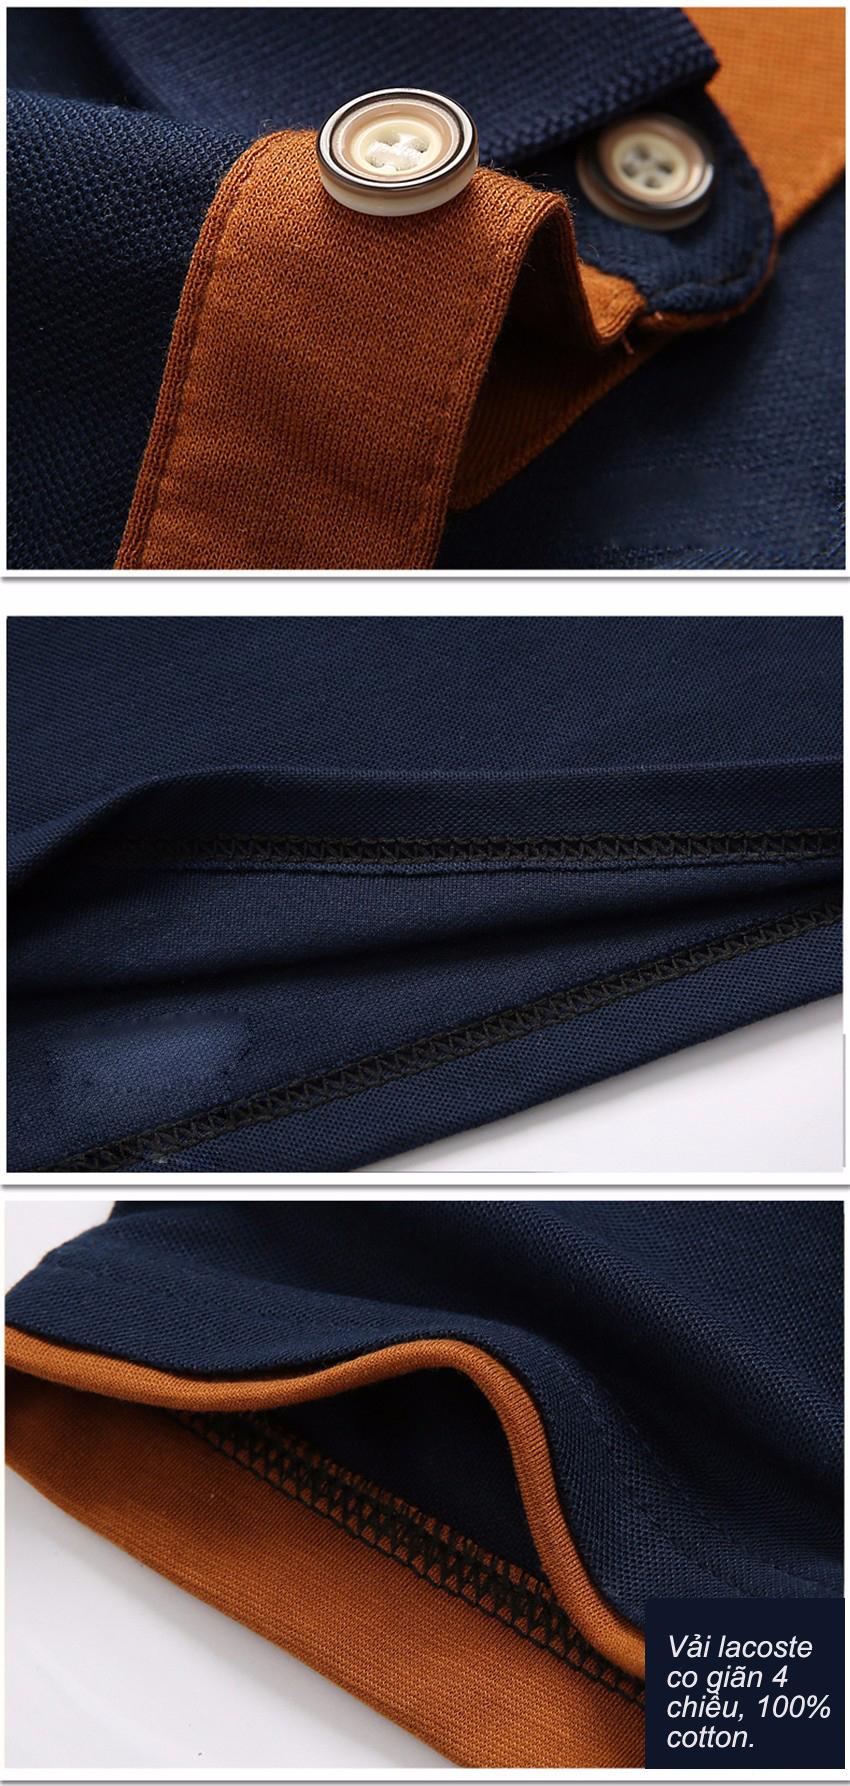 Đồng phục áo phông rẻ 3 - Đồng phục Mantis